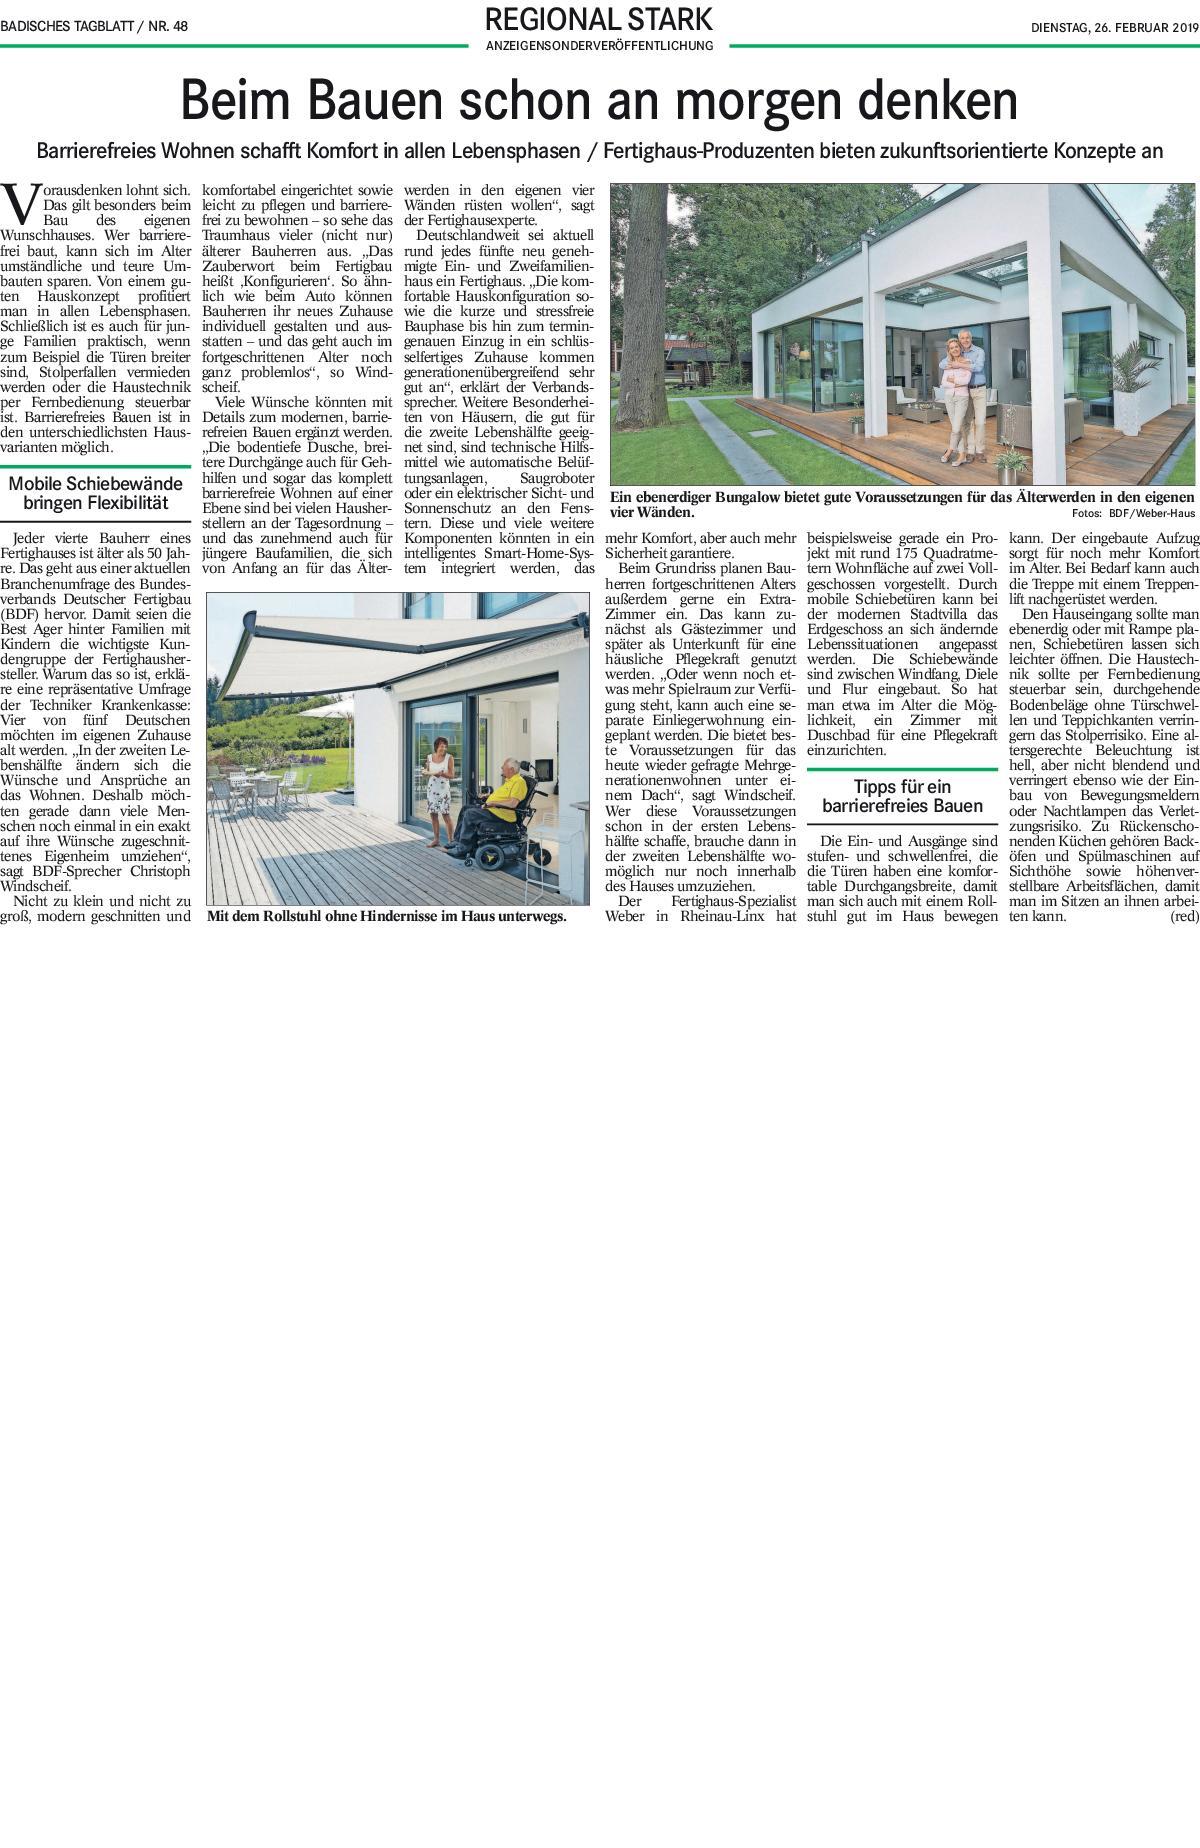 Badisches Tagblatt Regional Stark bauen